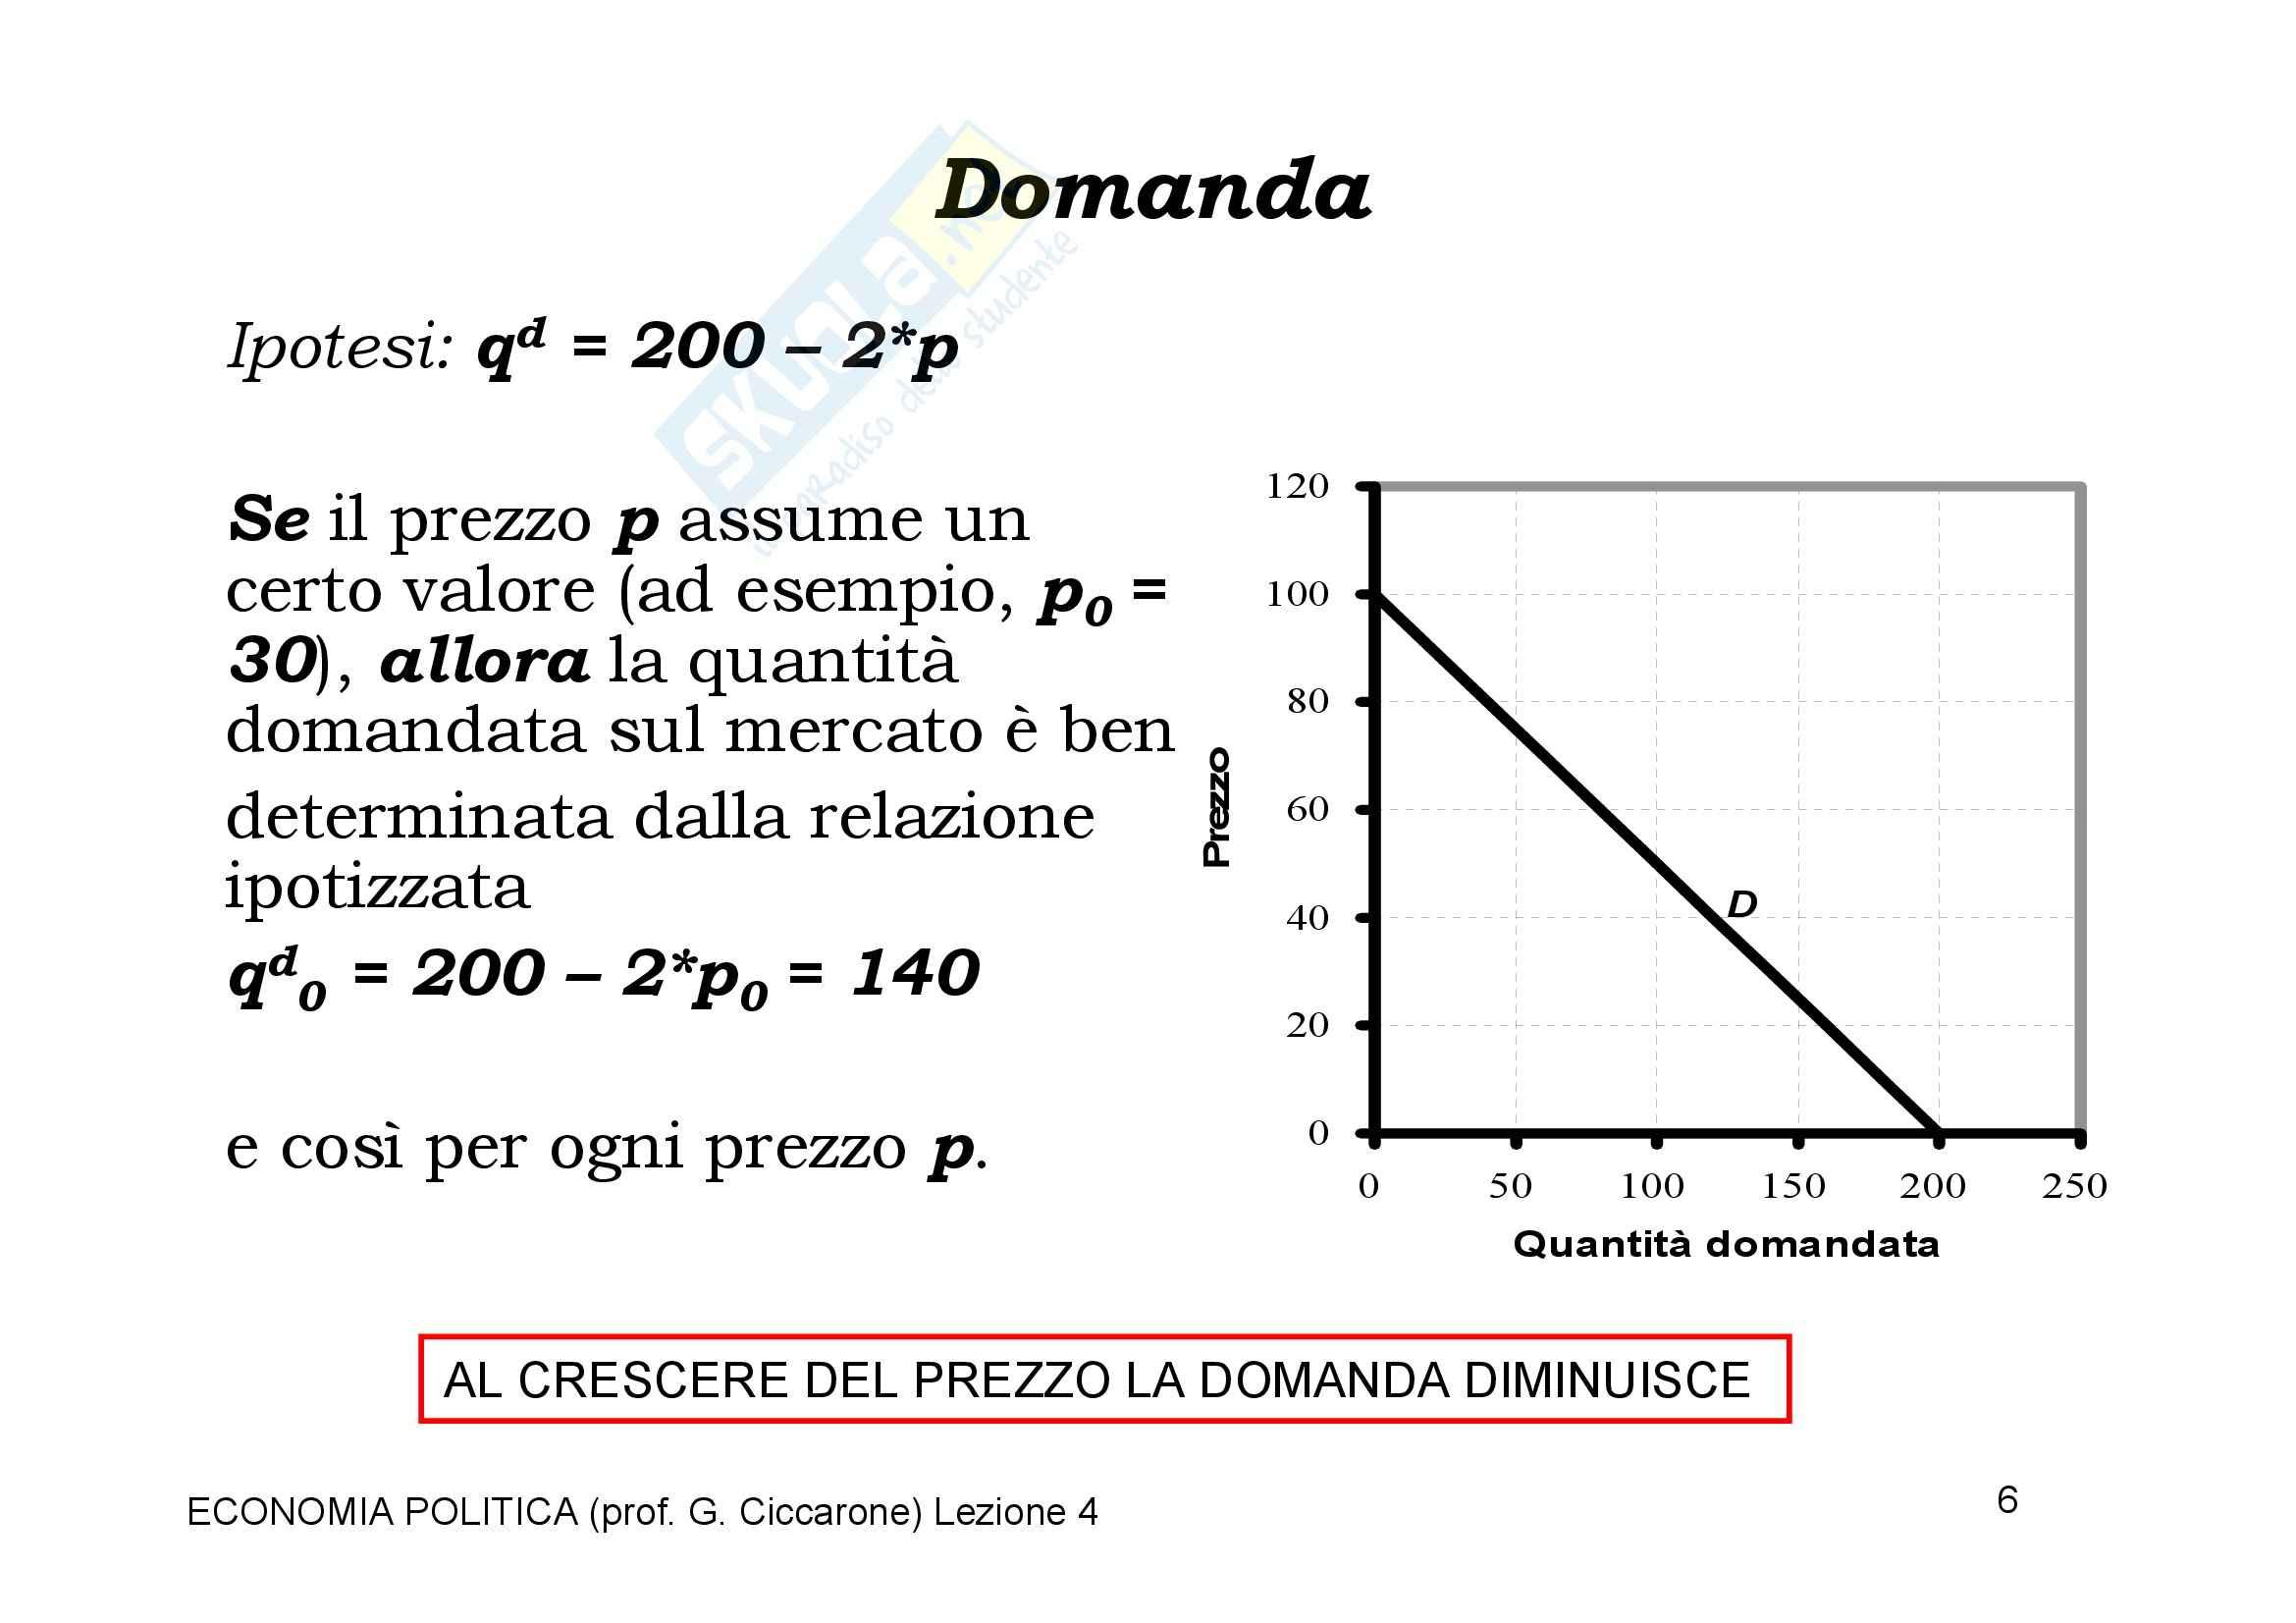 Economia monetaria - la domanda e l'offerta Pag. 6